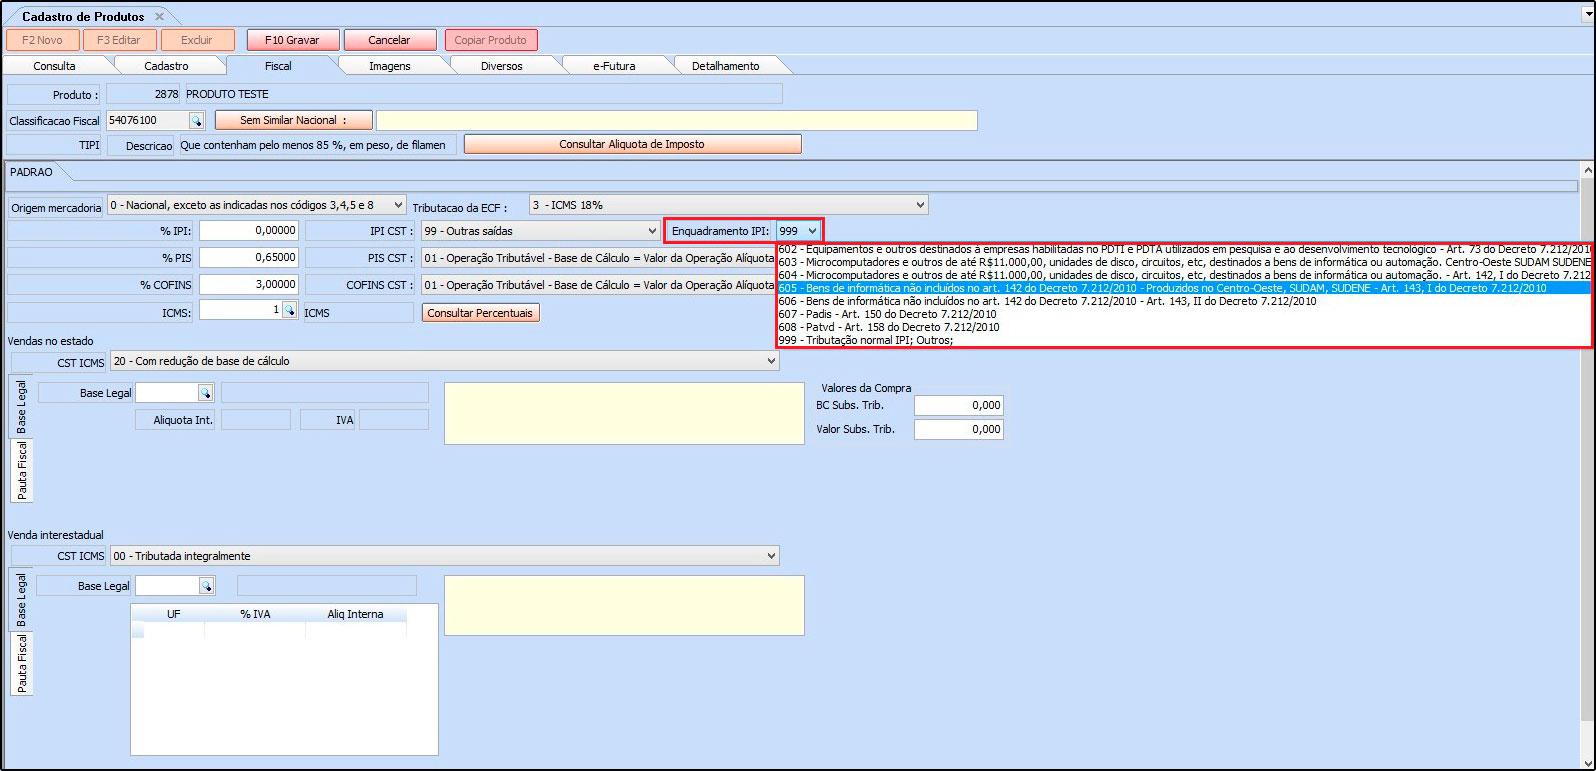 12 - Cad Produto - Futura Server